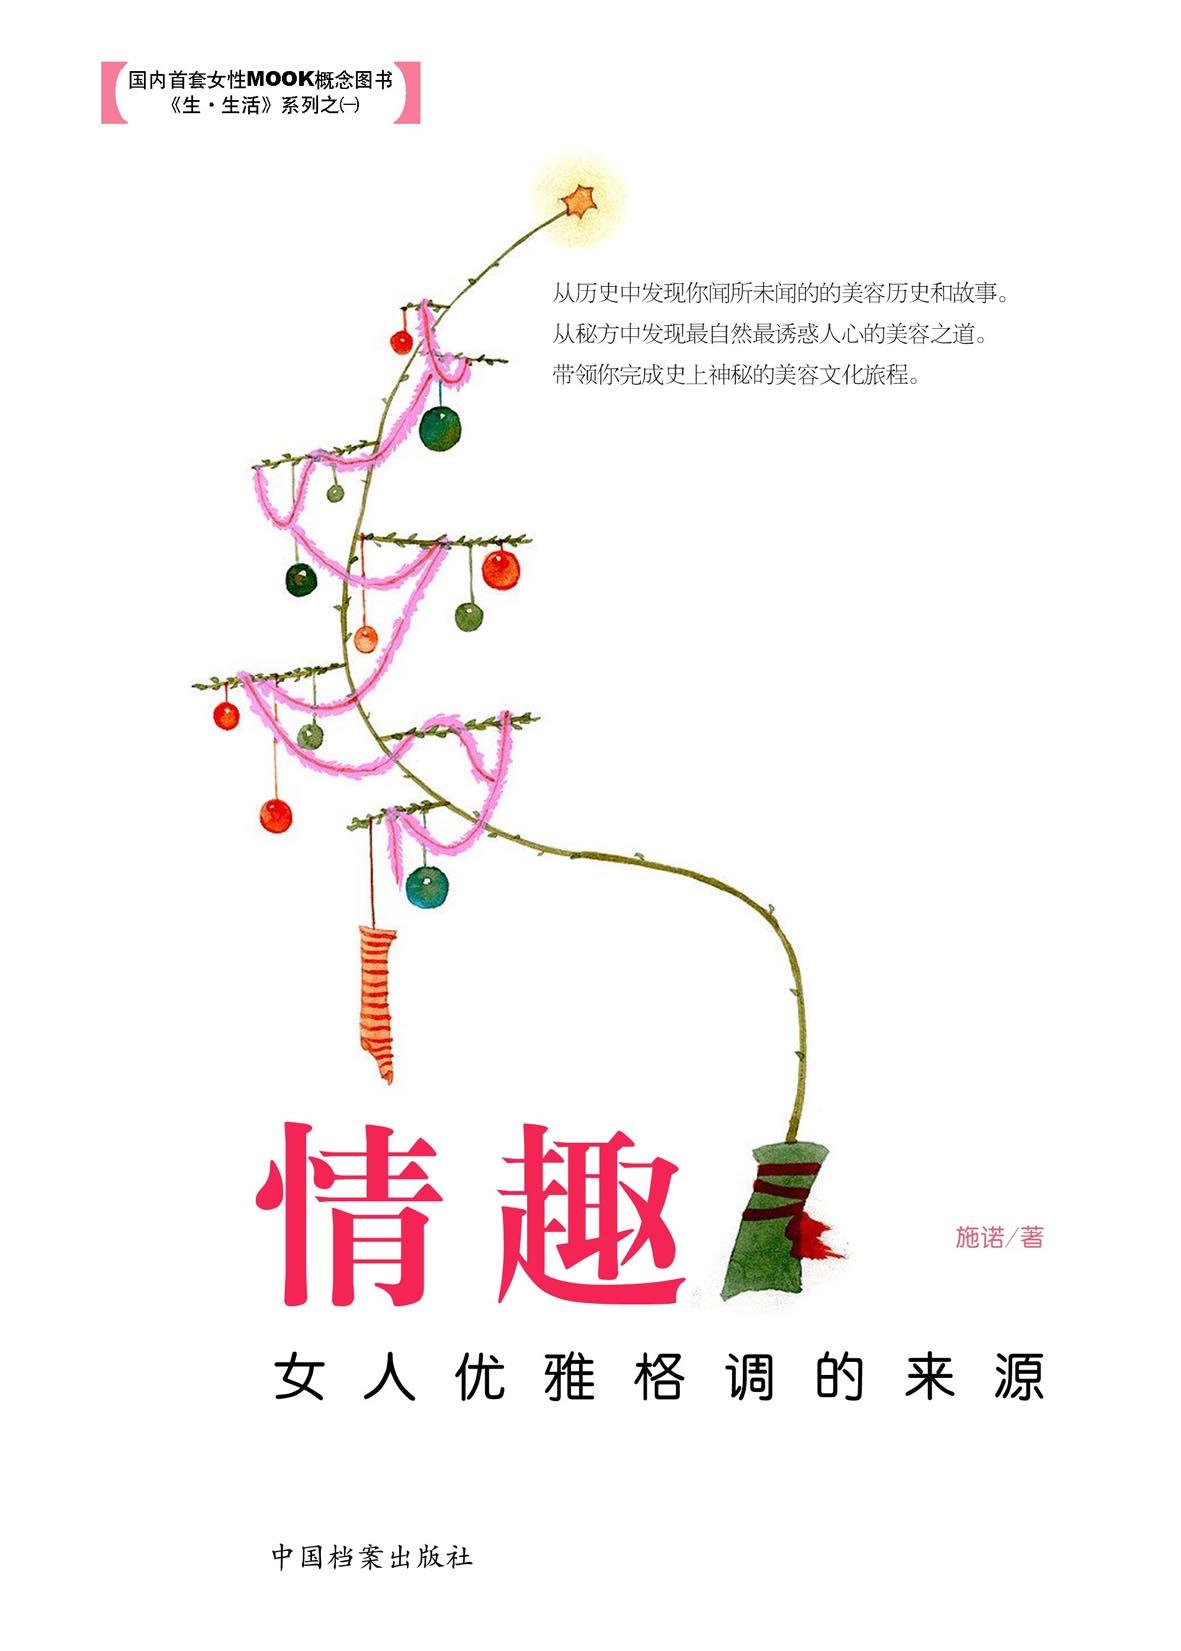 新设计的封面pp 书籍装帧设计 中国传媒视觉论坛 中国美编论坛 中国报